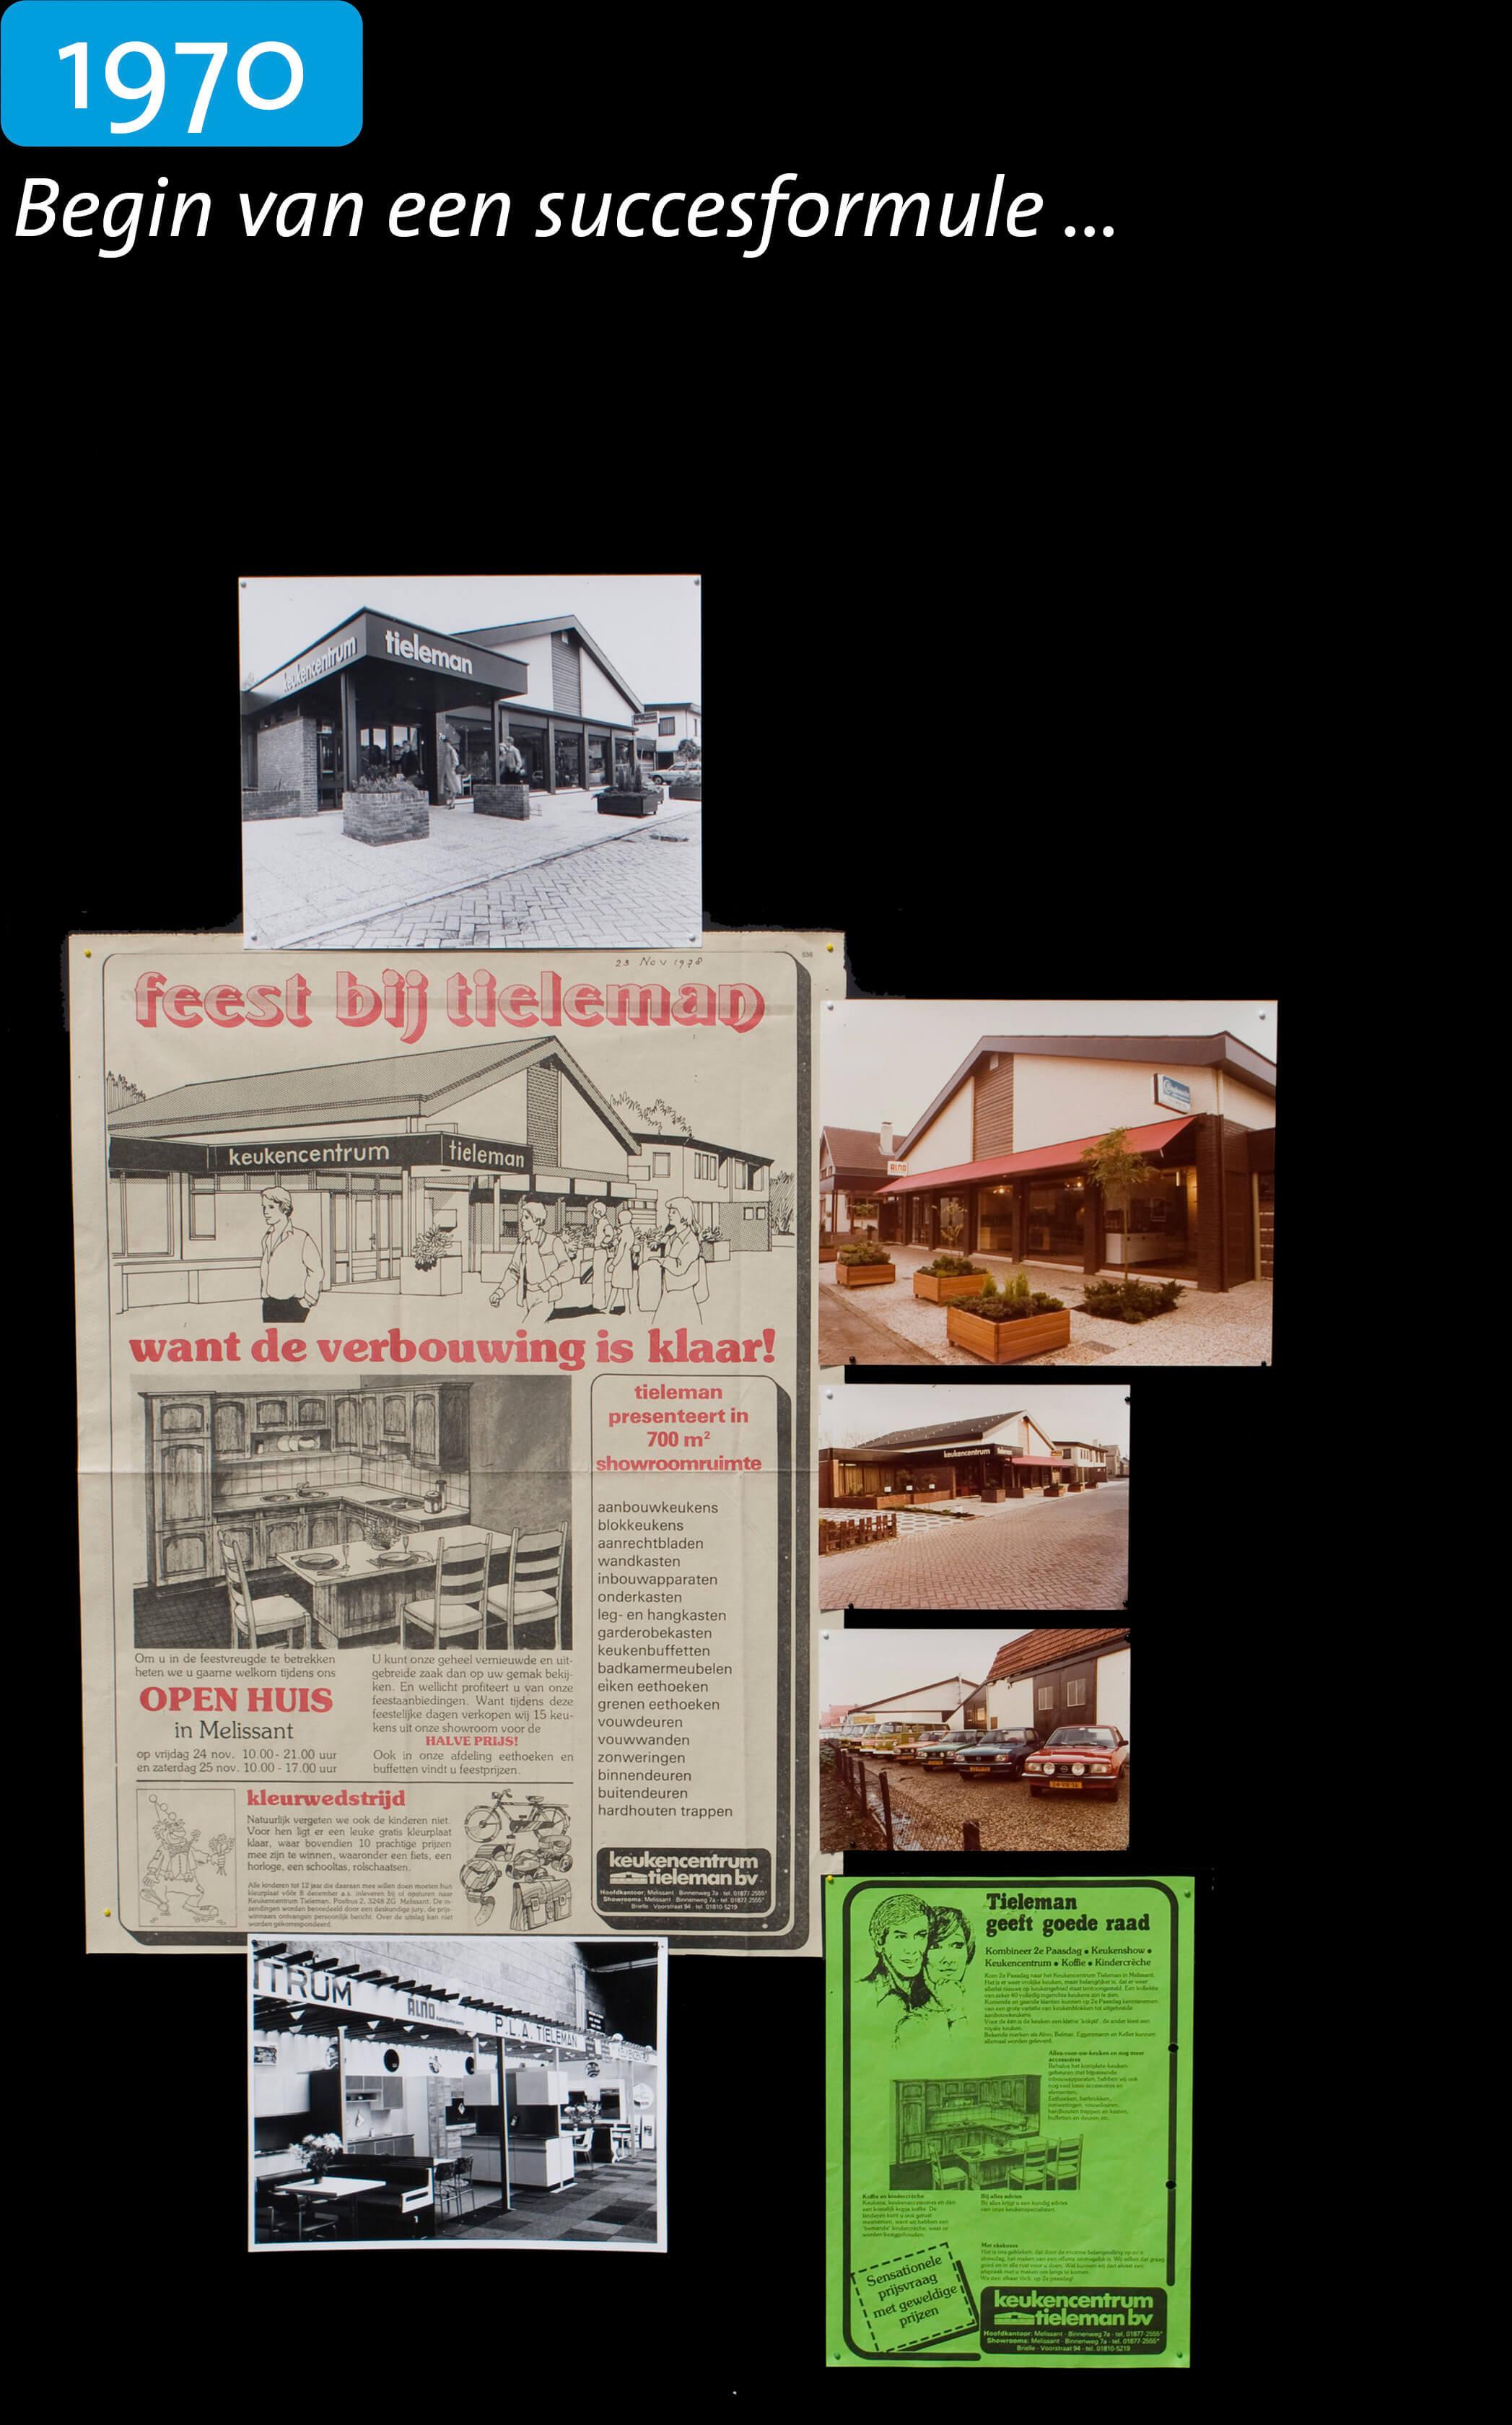 Tieleman Keukens geschiedenis 1970